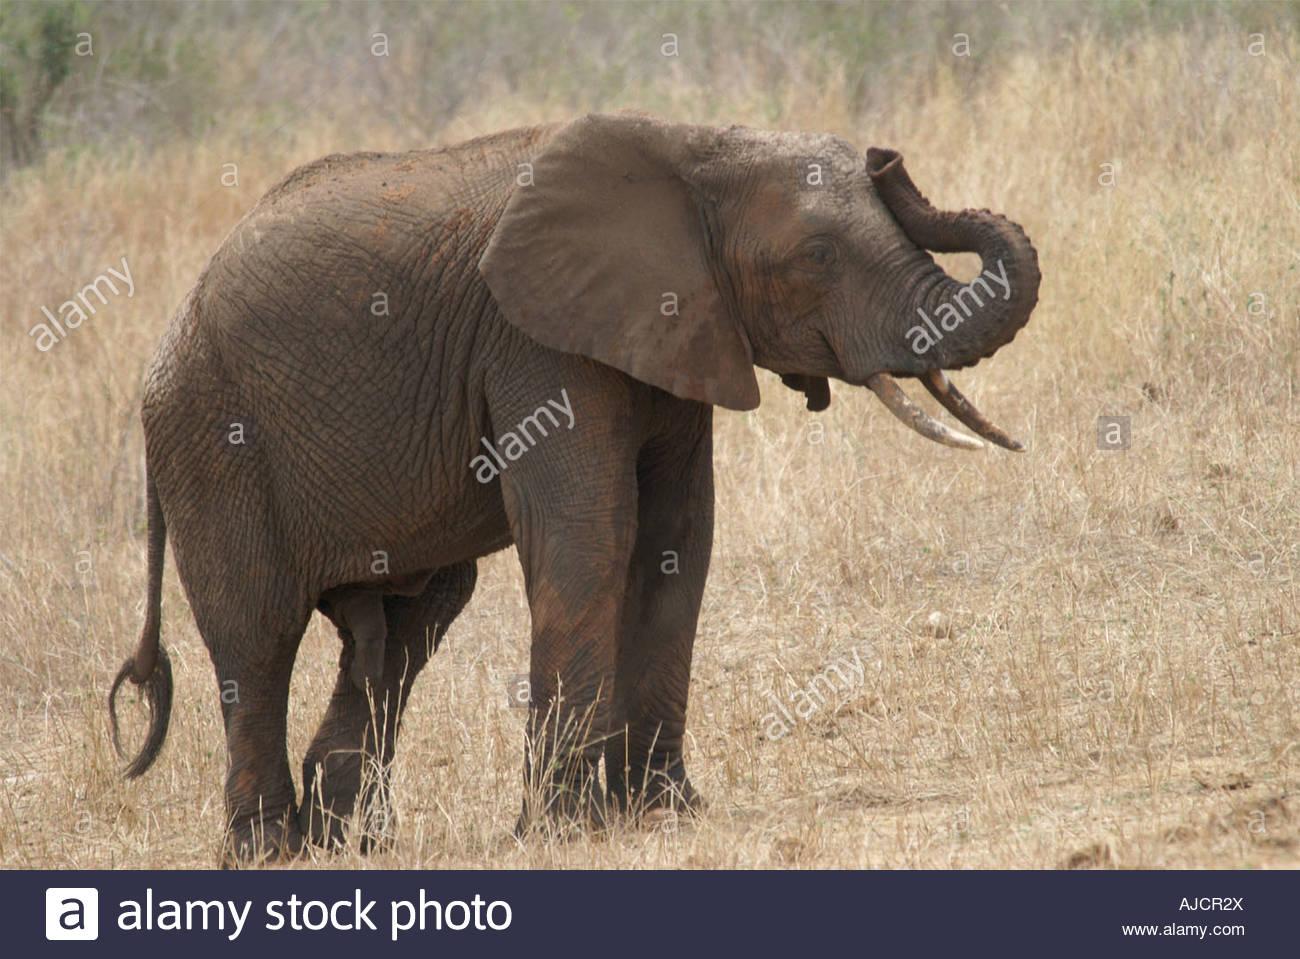 Barrissement De L'éléphant Banque D'images, Photo Stock pour Barrissement Elephant